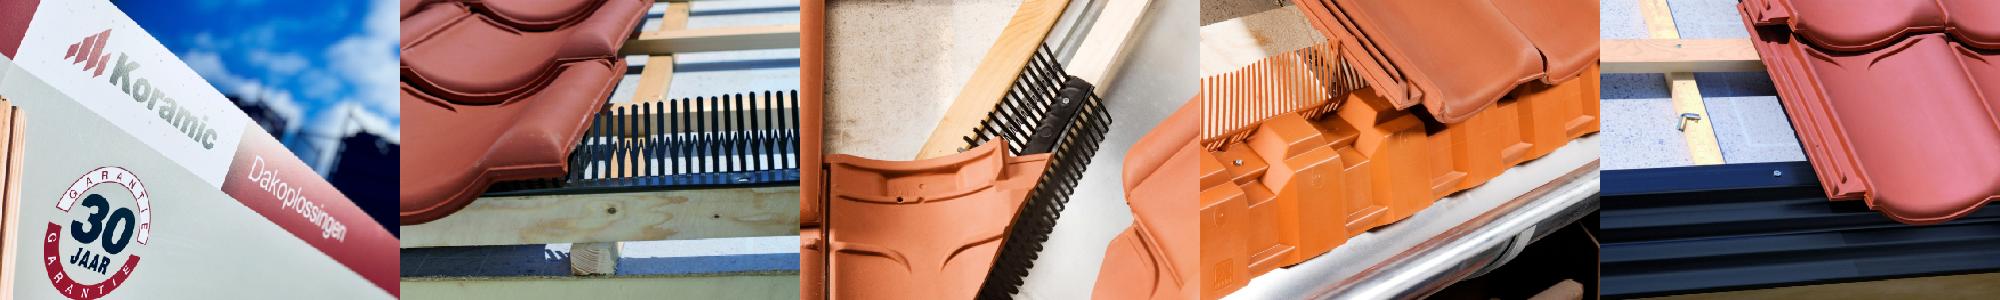 daktoebehoren | dakmaterialen | gebruikte dakpannen | nieuwe dakpannen en hulpstukken - dakvoet